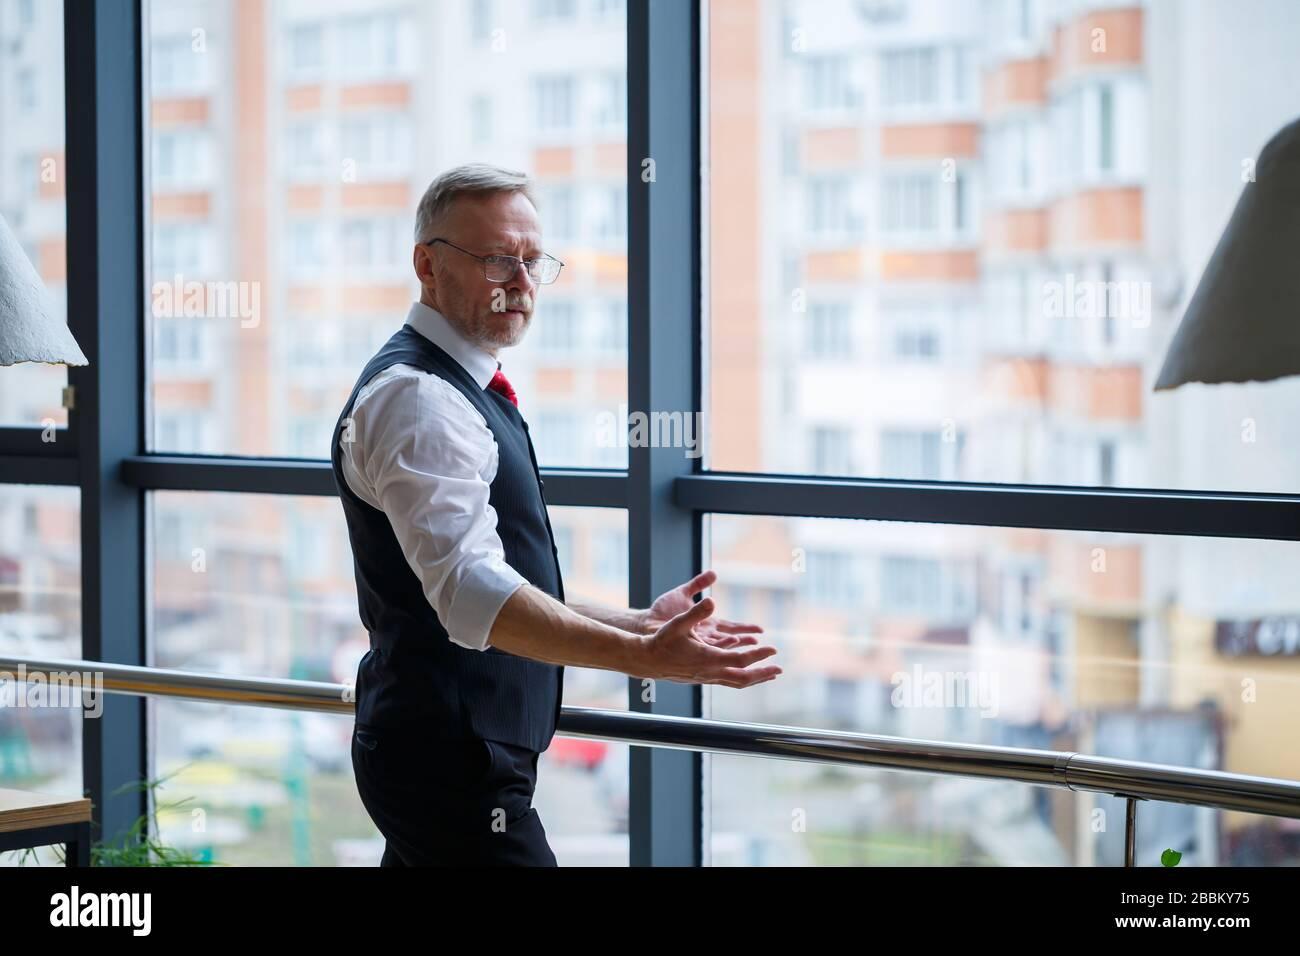 Sorridendo felice amministratore delegato pensa al suo successo di carriera sviluppo, mentre si trova in ufficio vicino allo sfondo di una finestra con copia sp Foto Stock